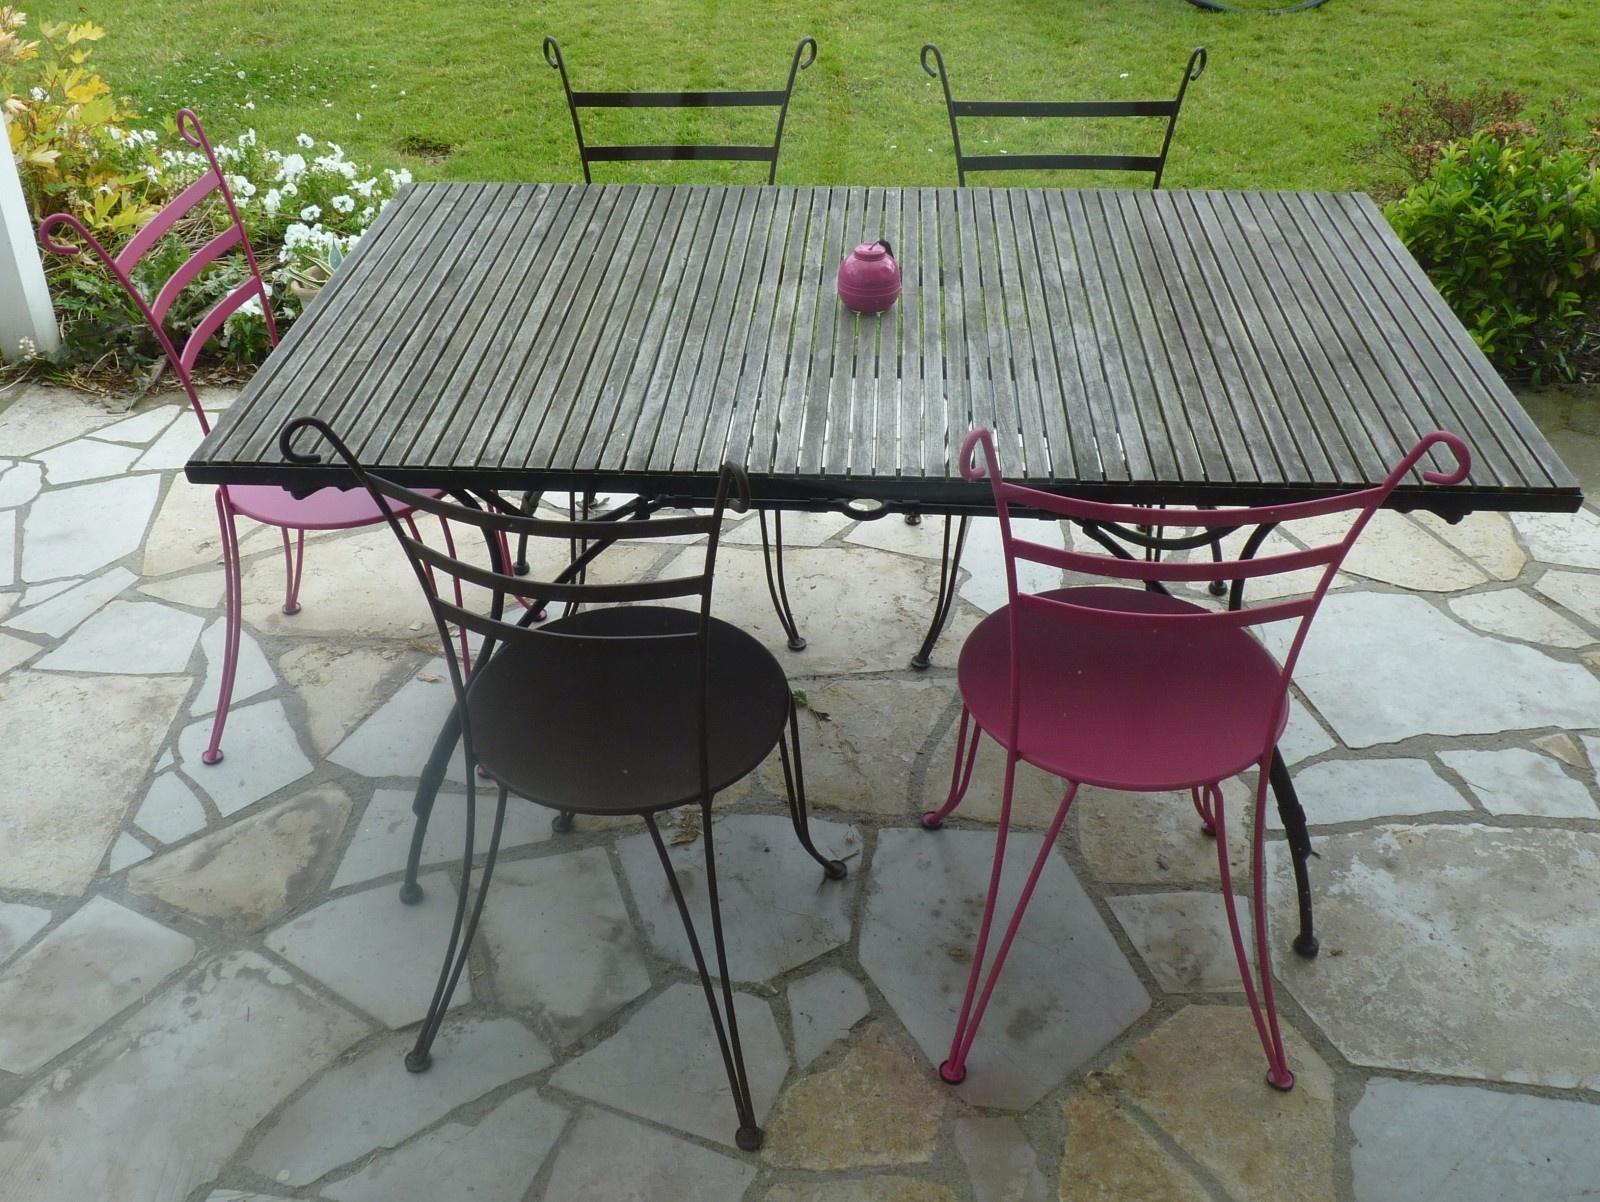 Salon de jardin solde belgique - Mailleraye.fr jardin